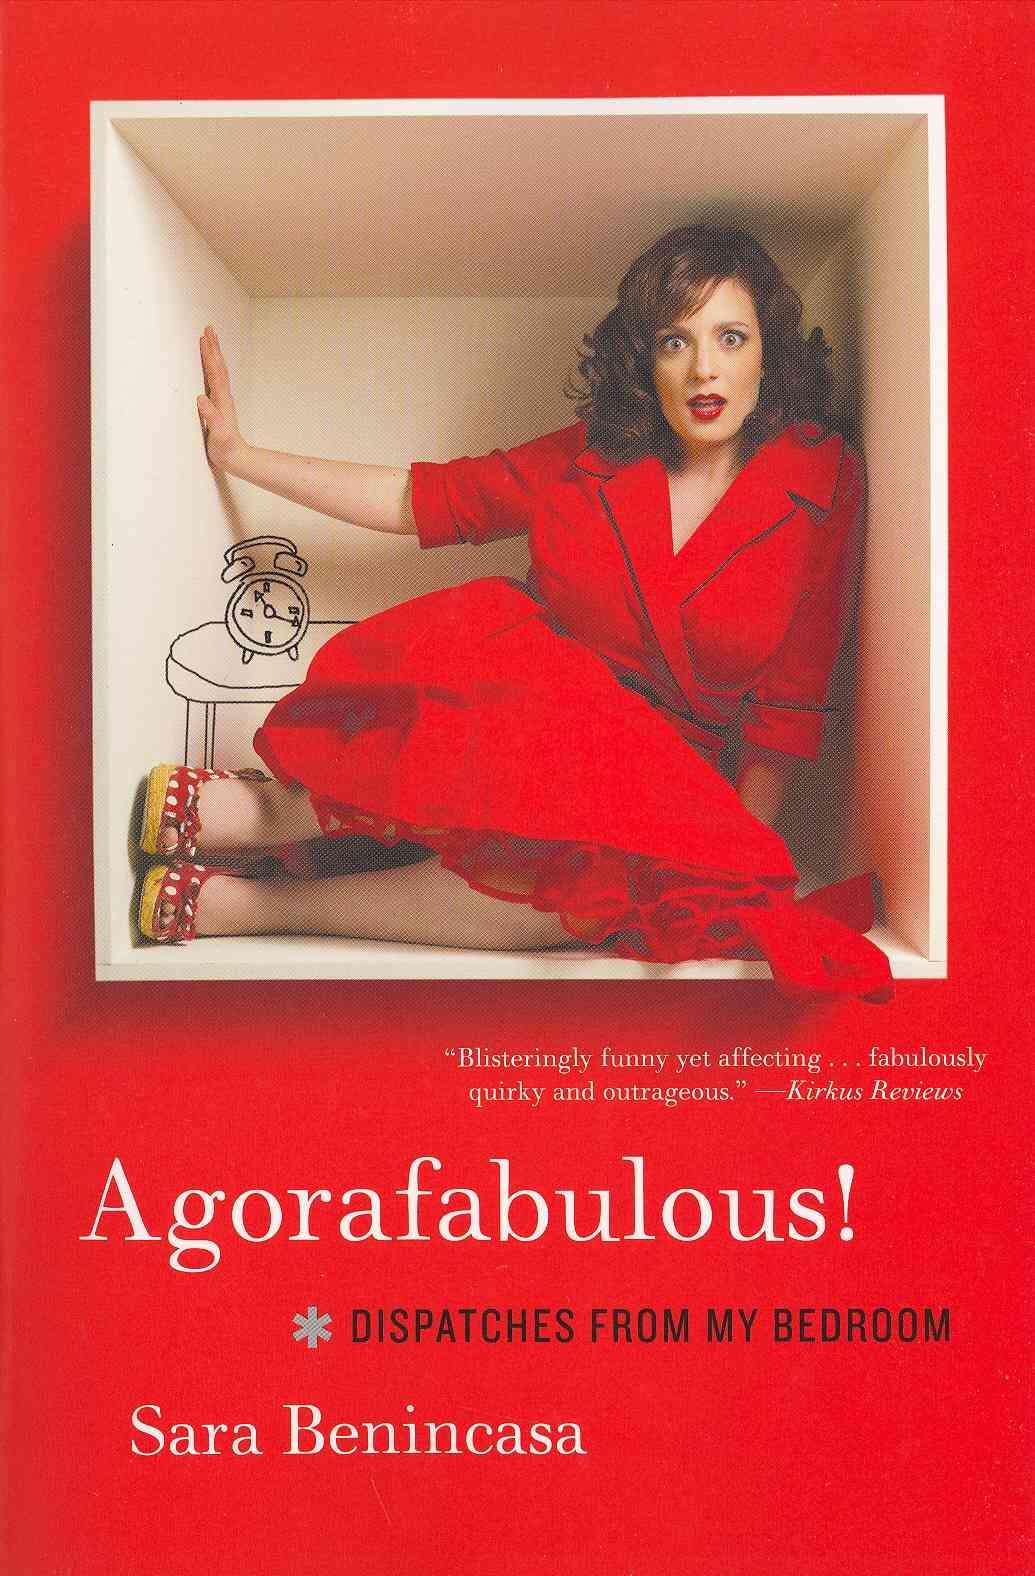 Agorafabulous! By Benincasa, Sara